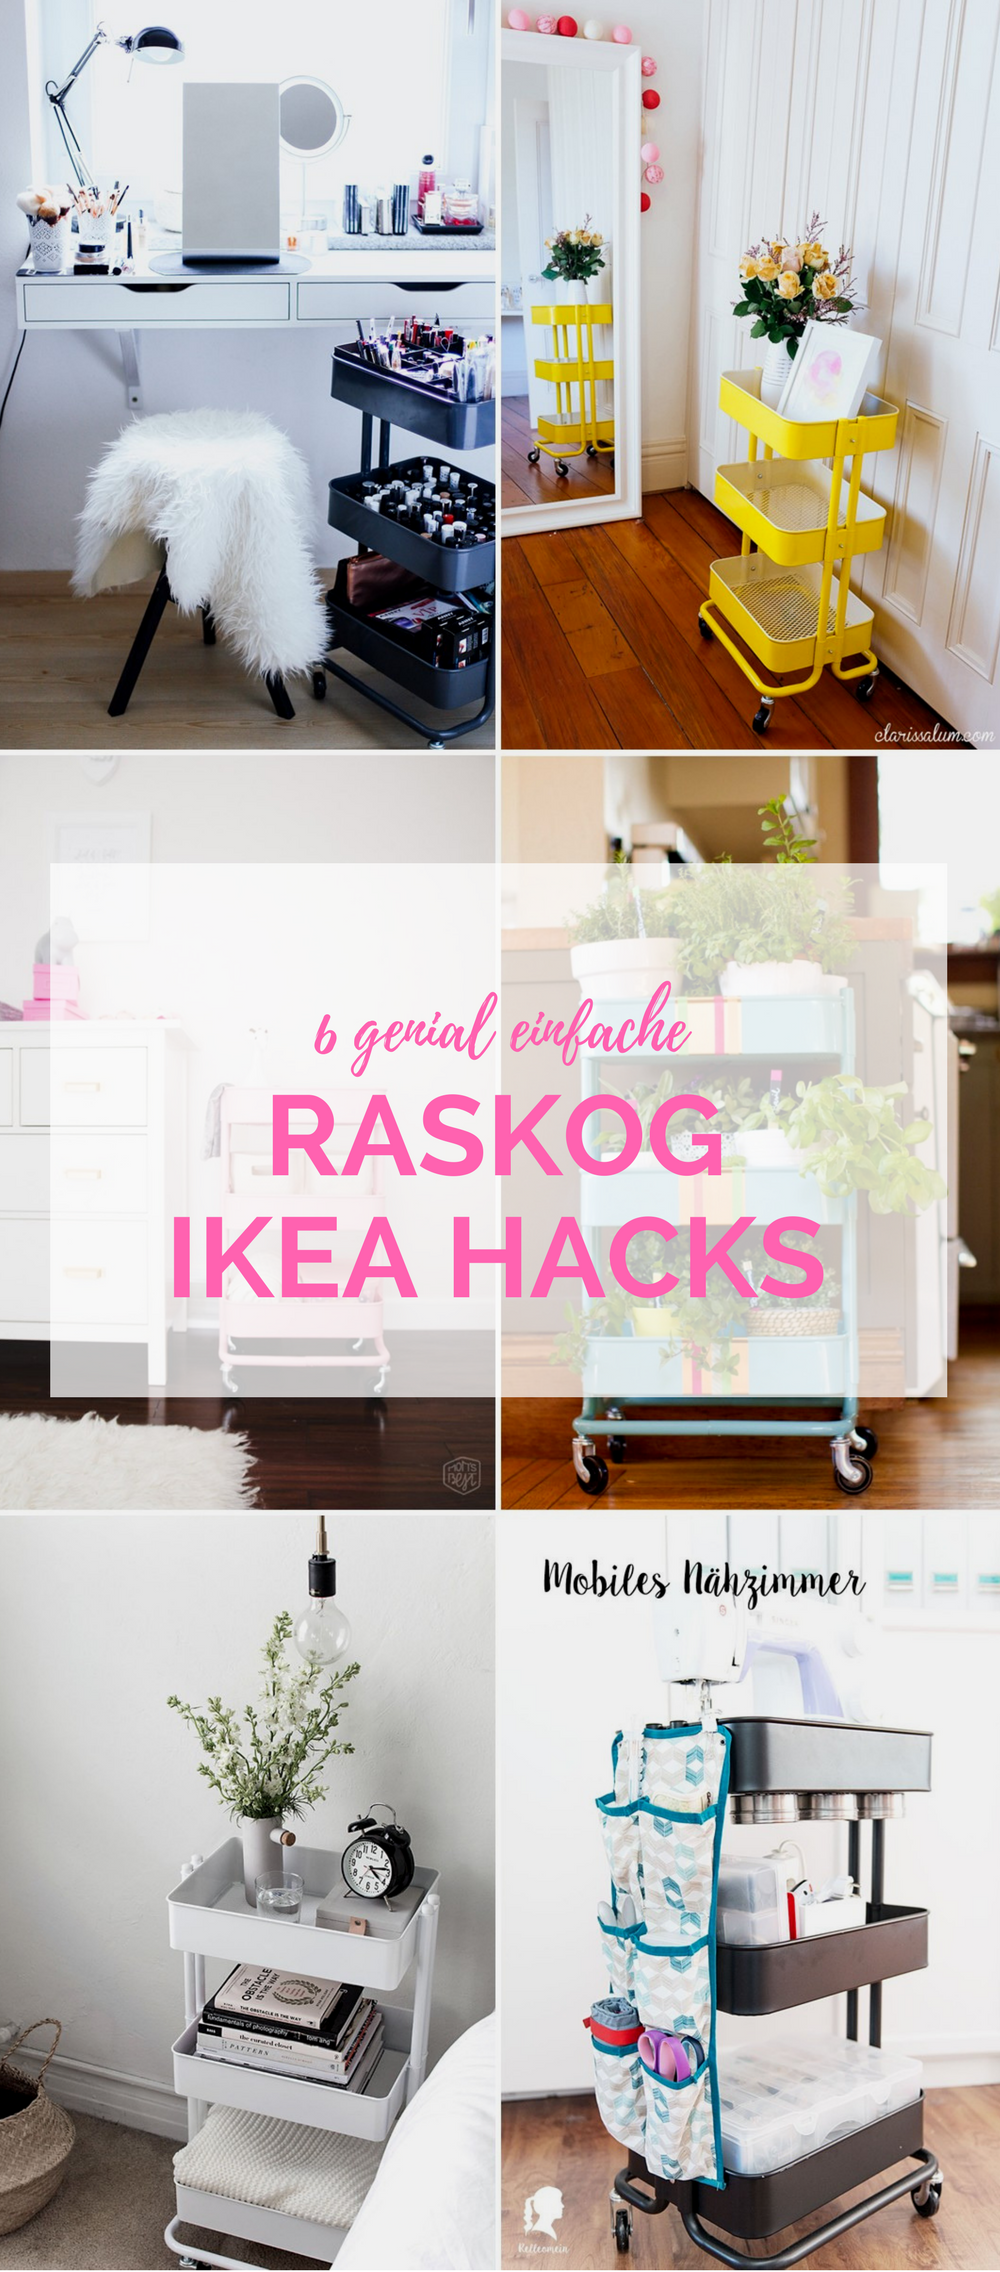 6 Ikea Hacks Mit Dem Raskog Servierwagen Provinzkindchen Ikea Hacks Ikea Servierwagen Ikea